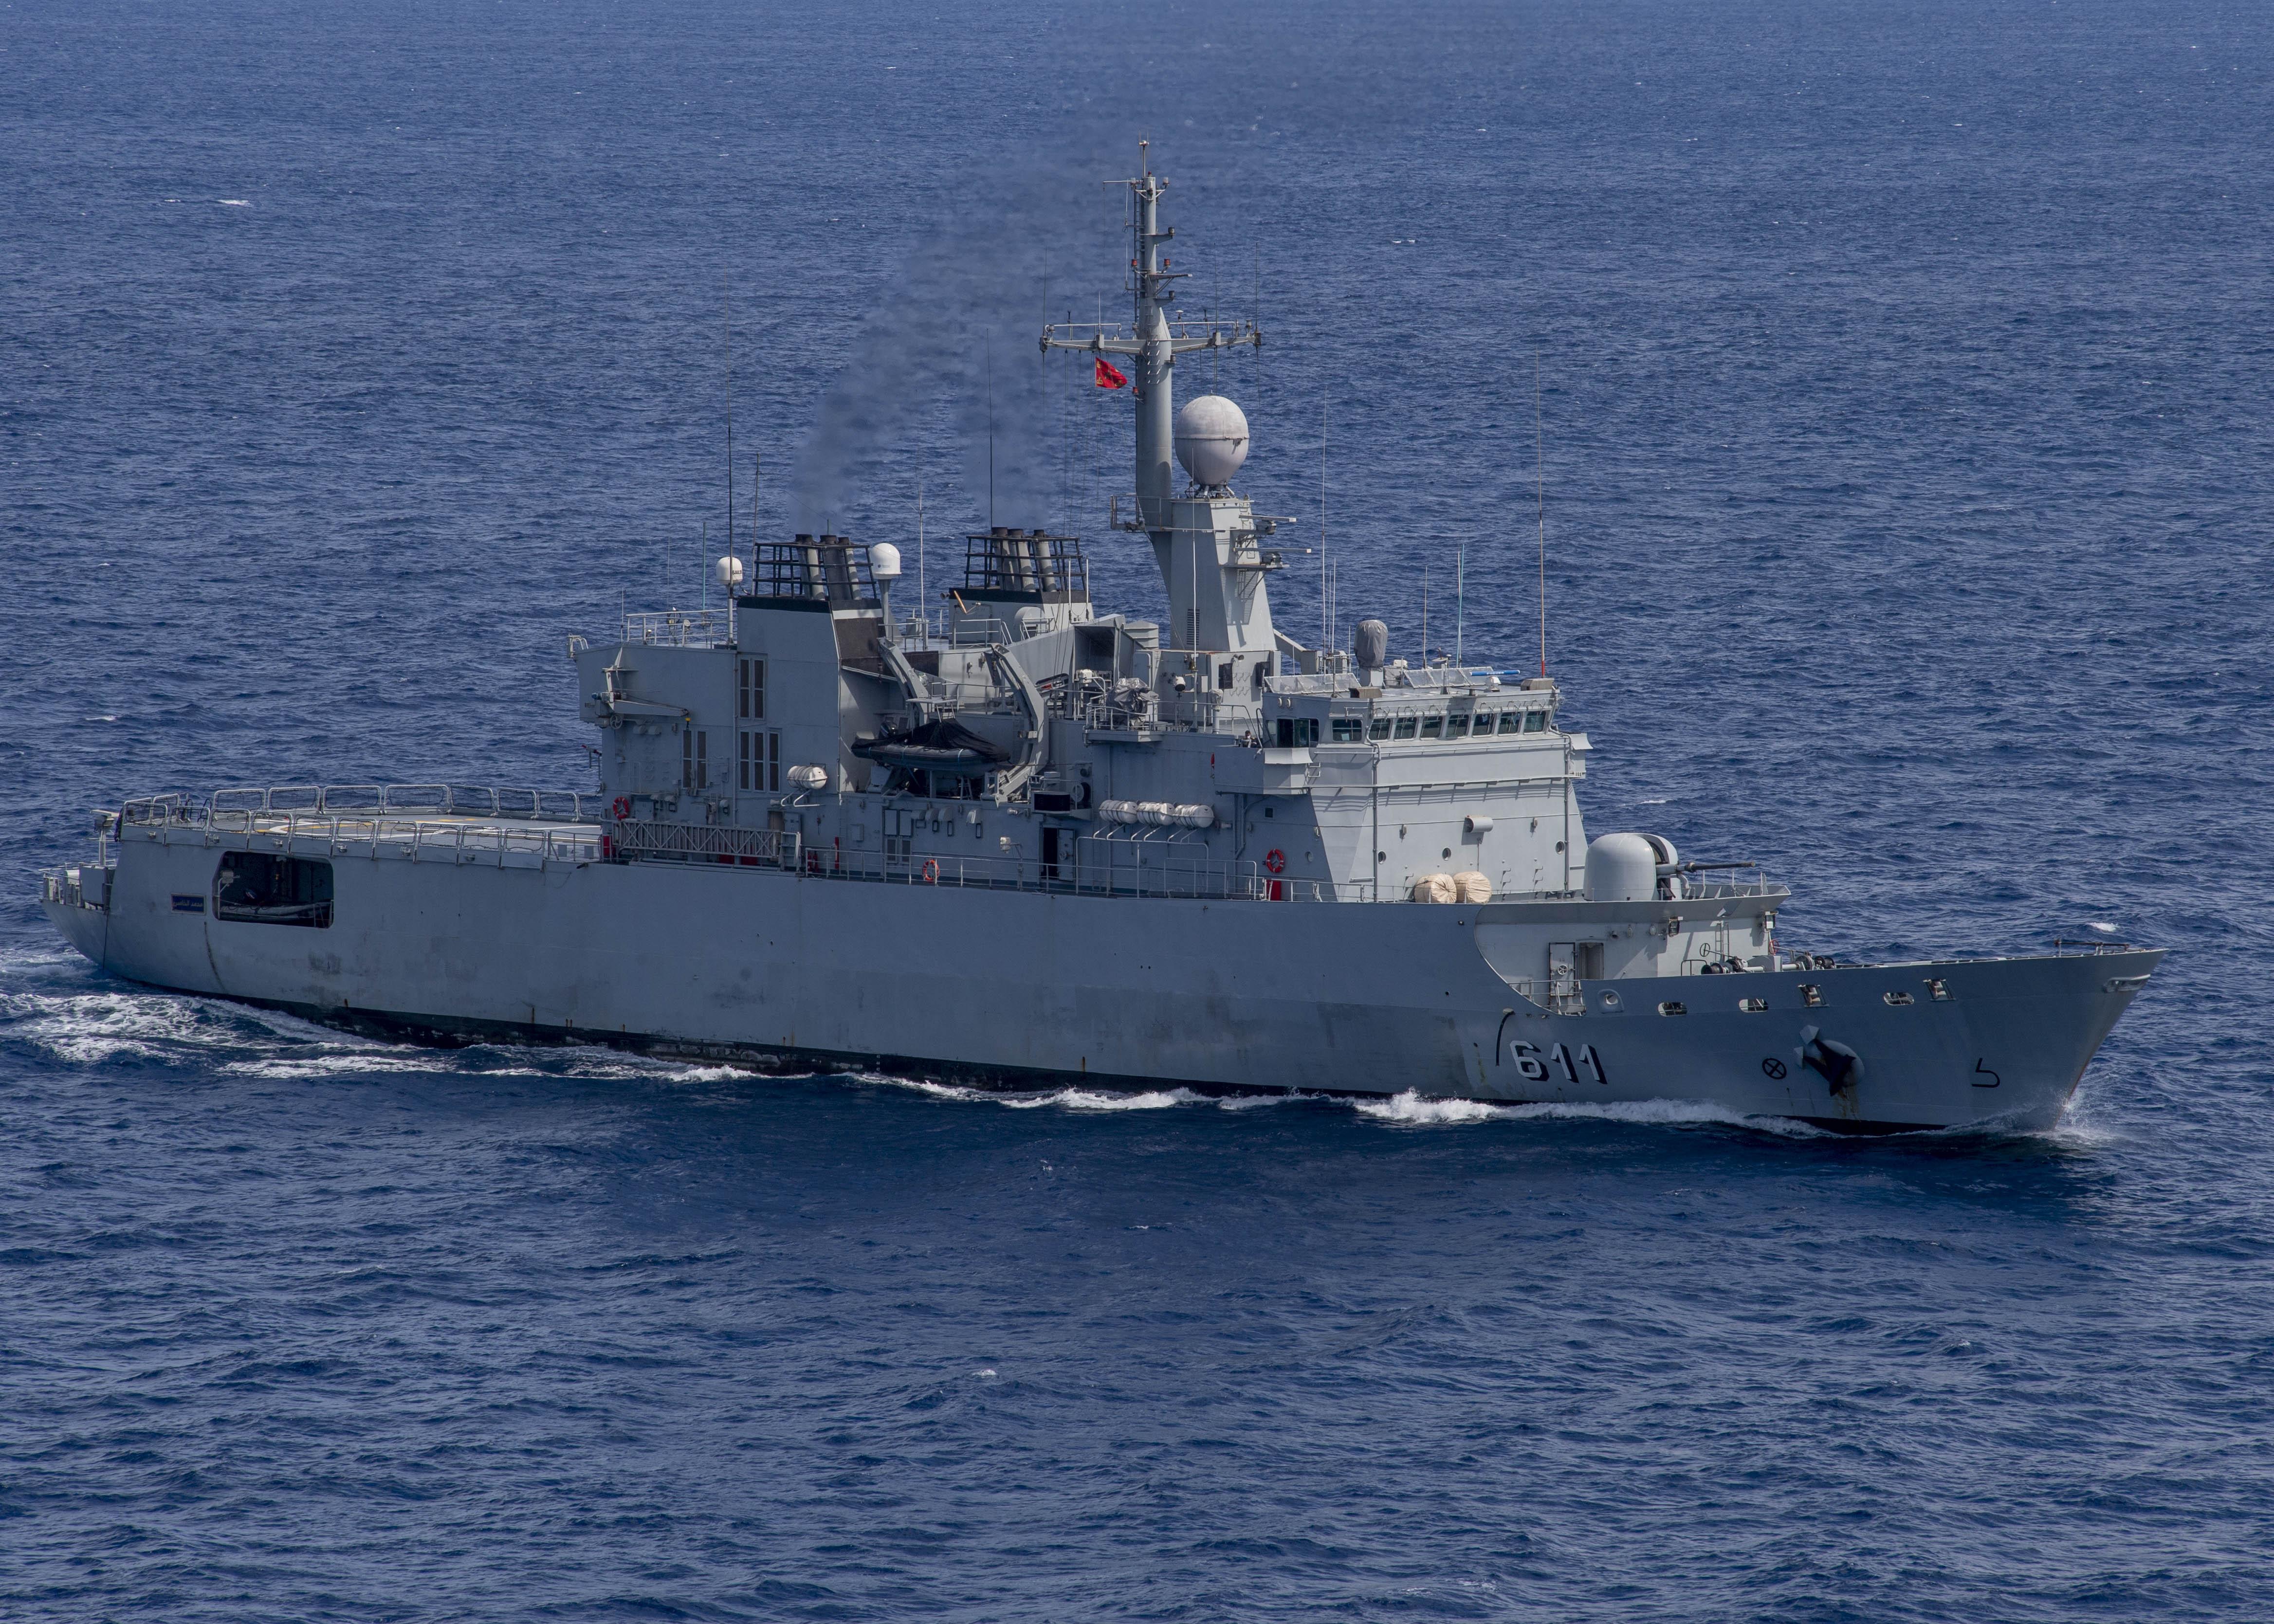 Royal Moroccan Navy Floréal Frigates / Frégates Floréal Marocaines - Page 15 50352076707_0c6f760fd4_o